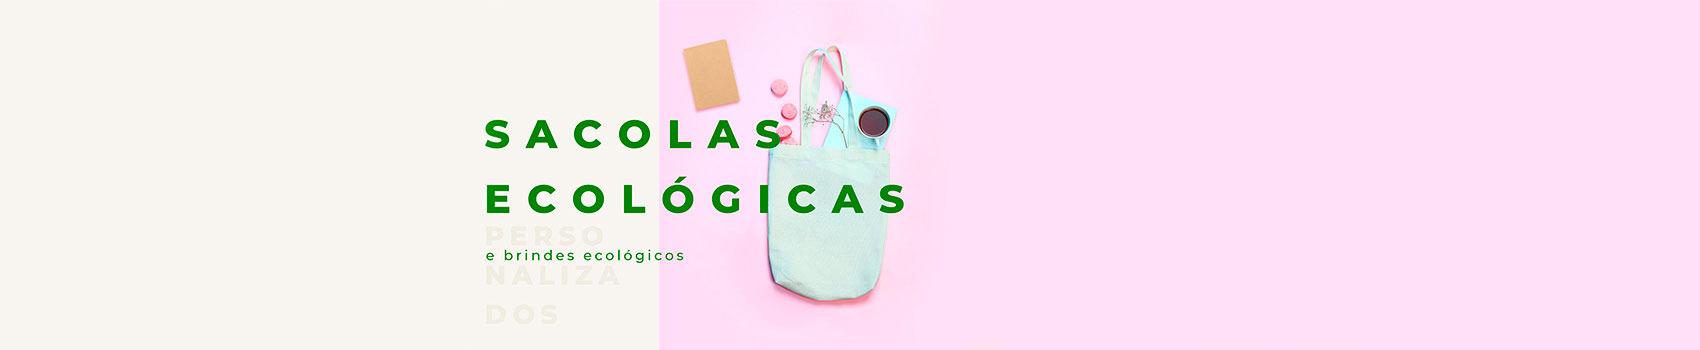 Sacola Ecológica.COM